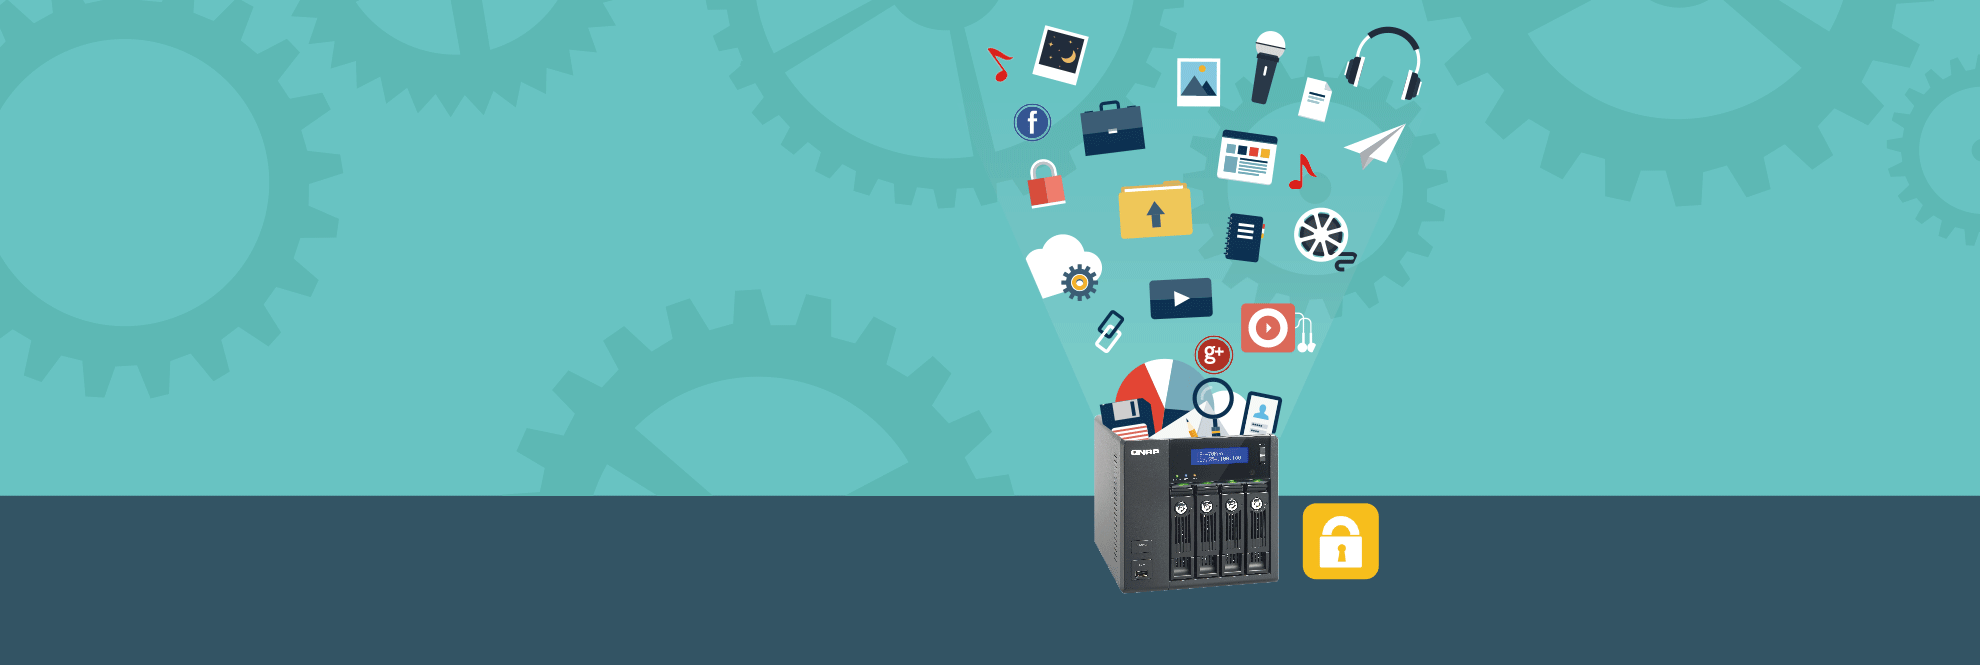 Diseñado para el respaldo Gracias a una gran capacidad de almacenamiento, excelente velocidad de transferencia de archivos, una amplia gama de aplicaciones de respaldo y hardware sólido, el Turbo ÑAS es la ubicación ideal para el respaldo de todas sus computadoras y dispositivos hogareños.